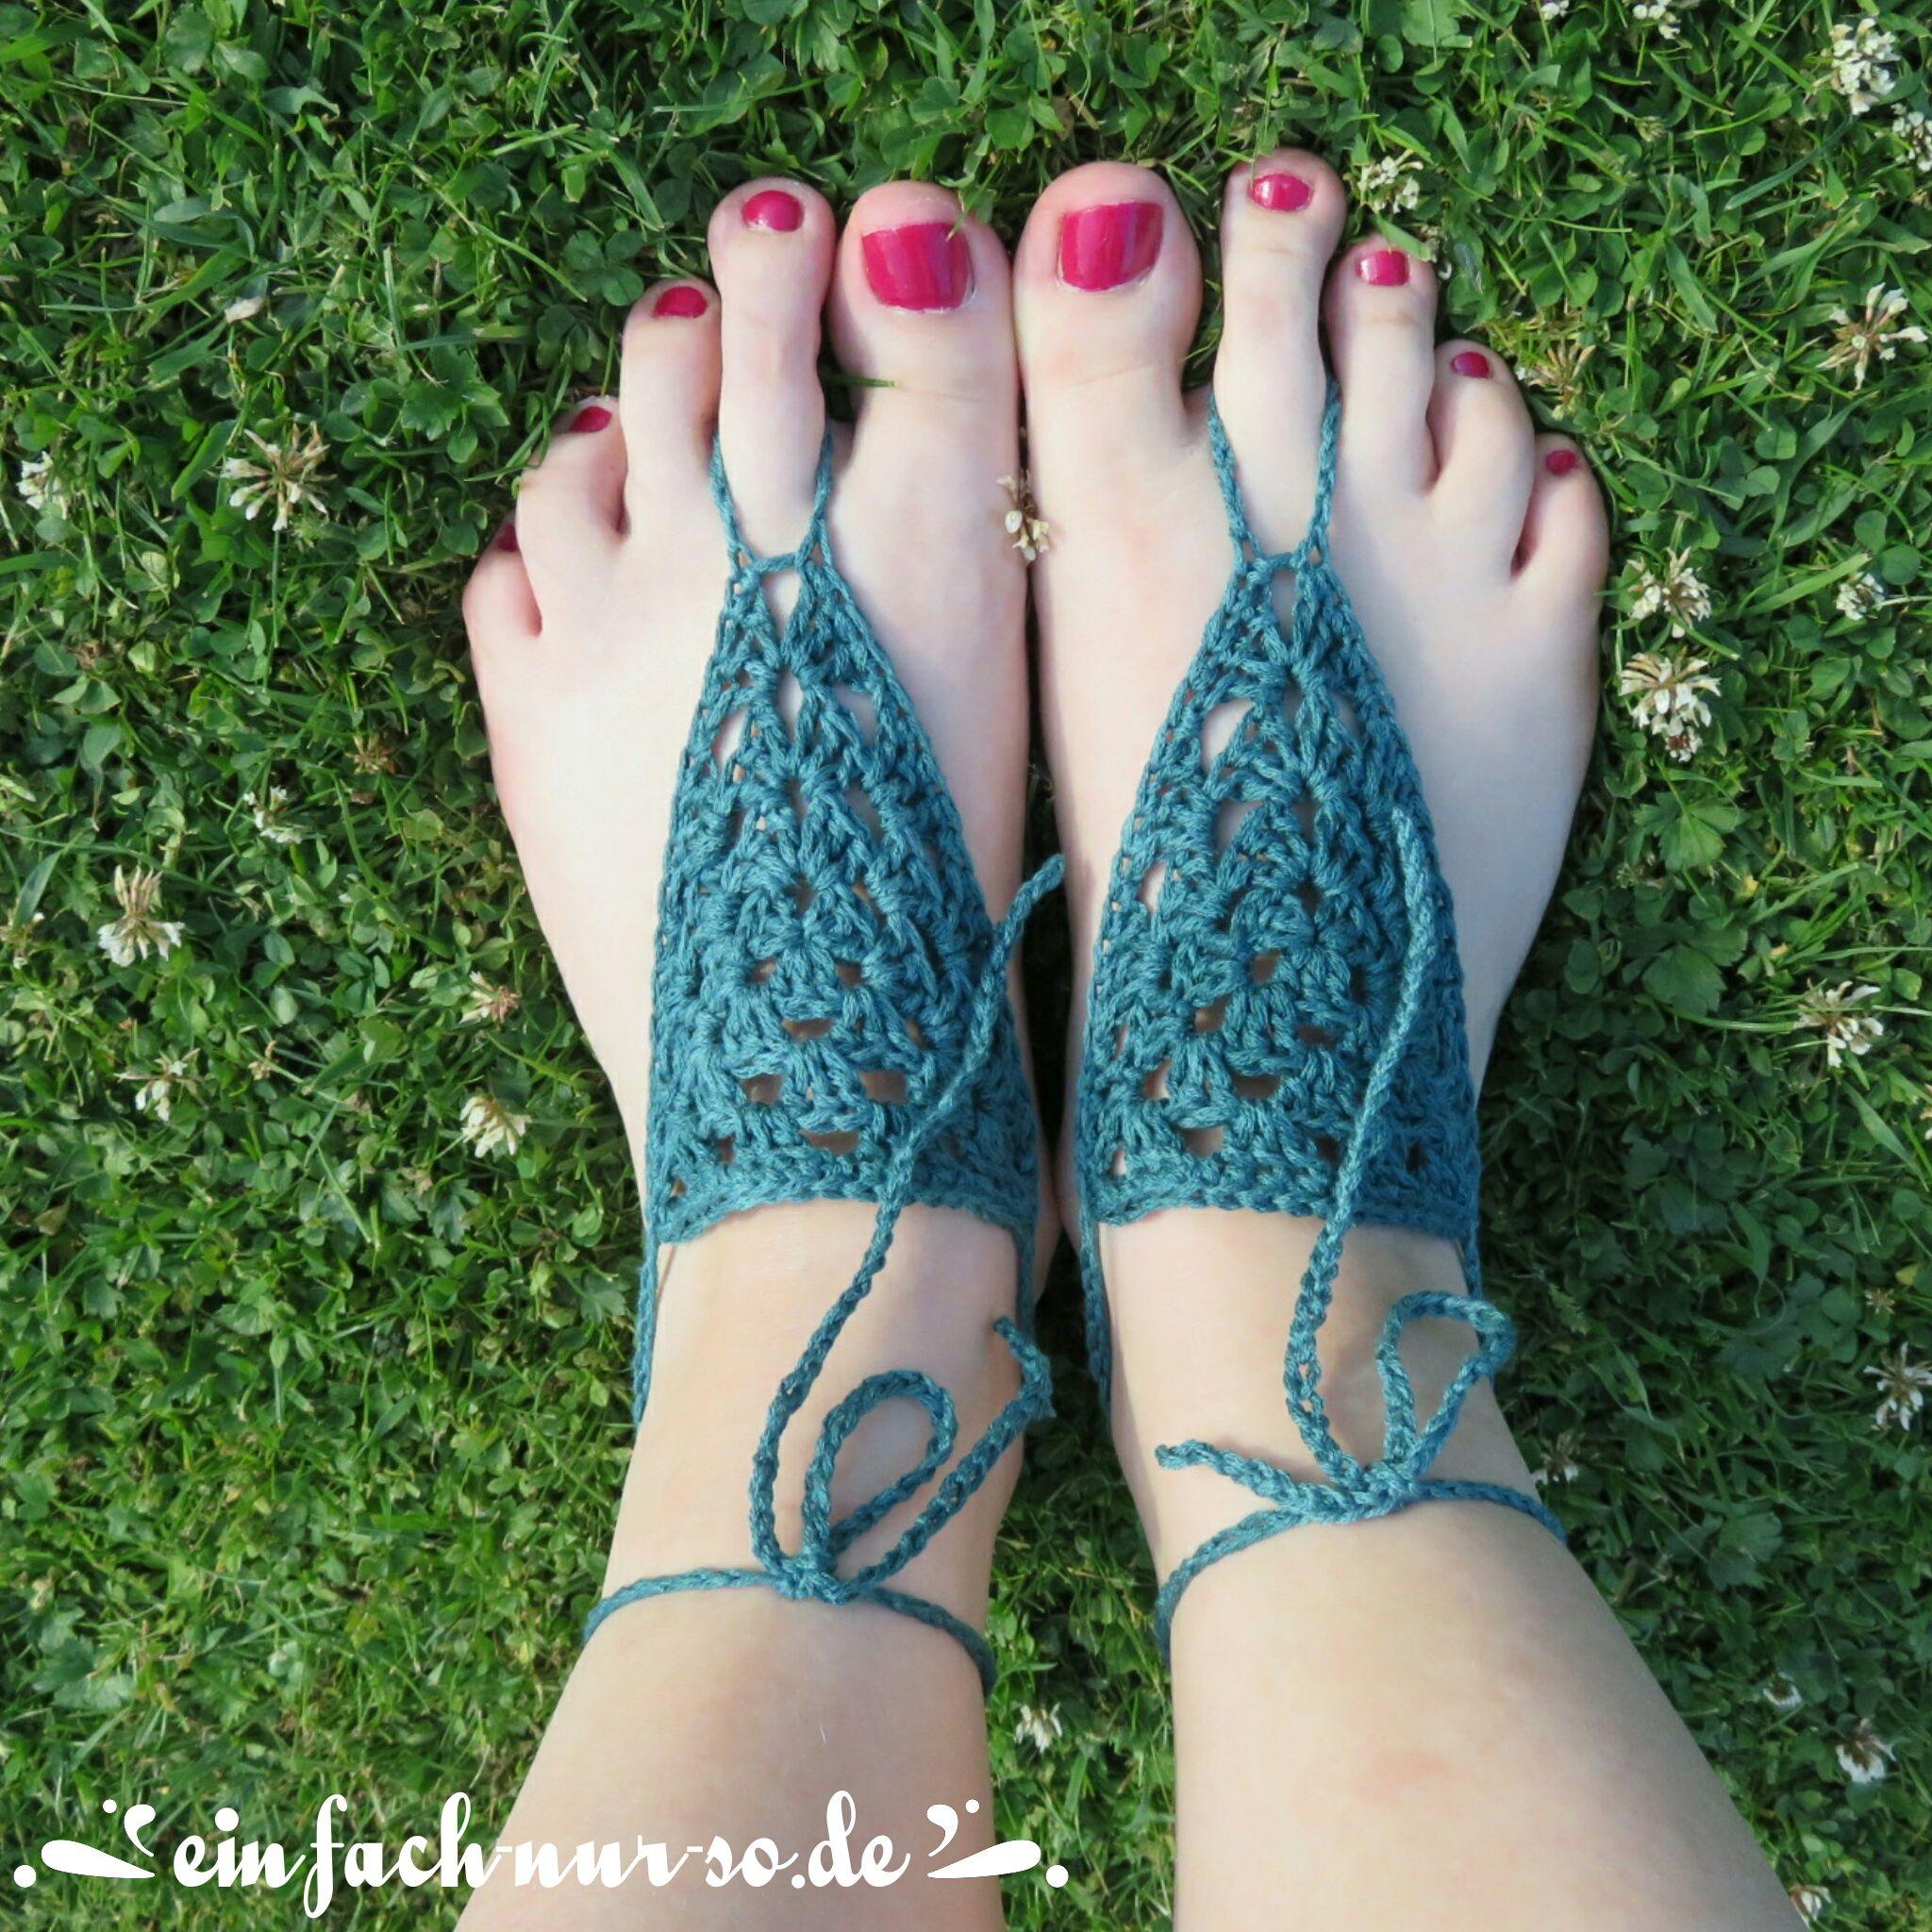 Barfuß Sandalen | Barfuß, Sandalen und Immer kalte füße